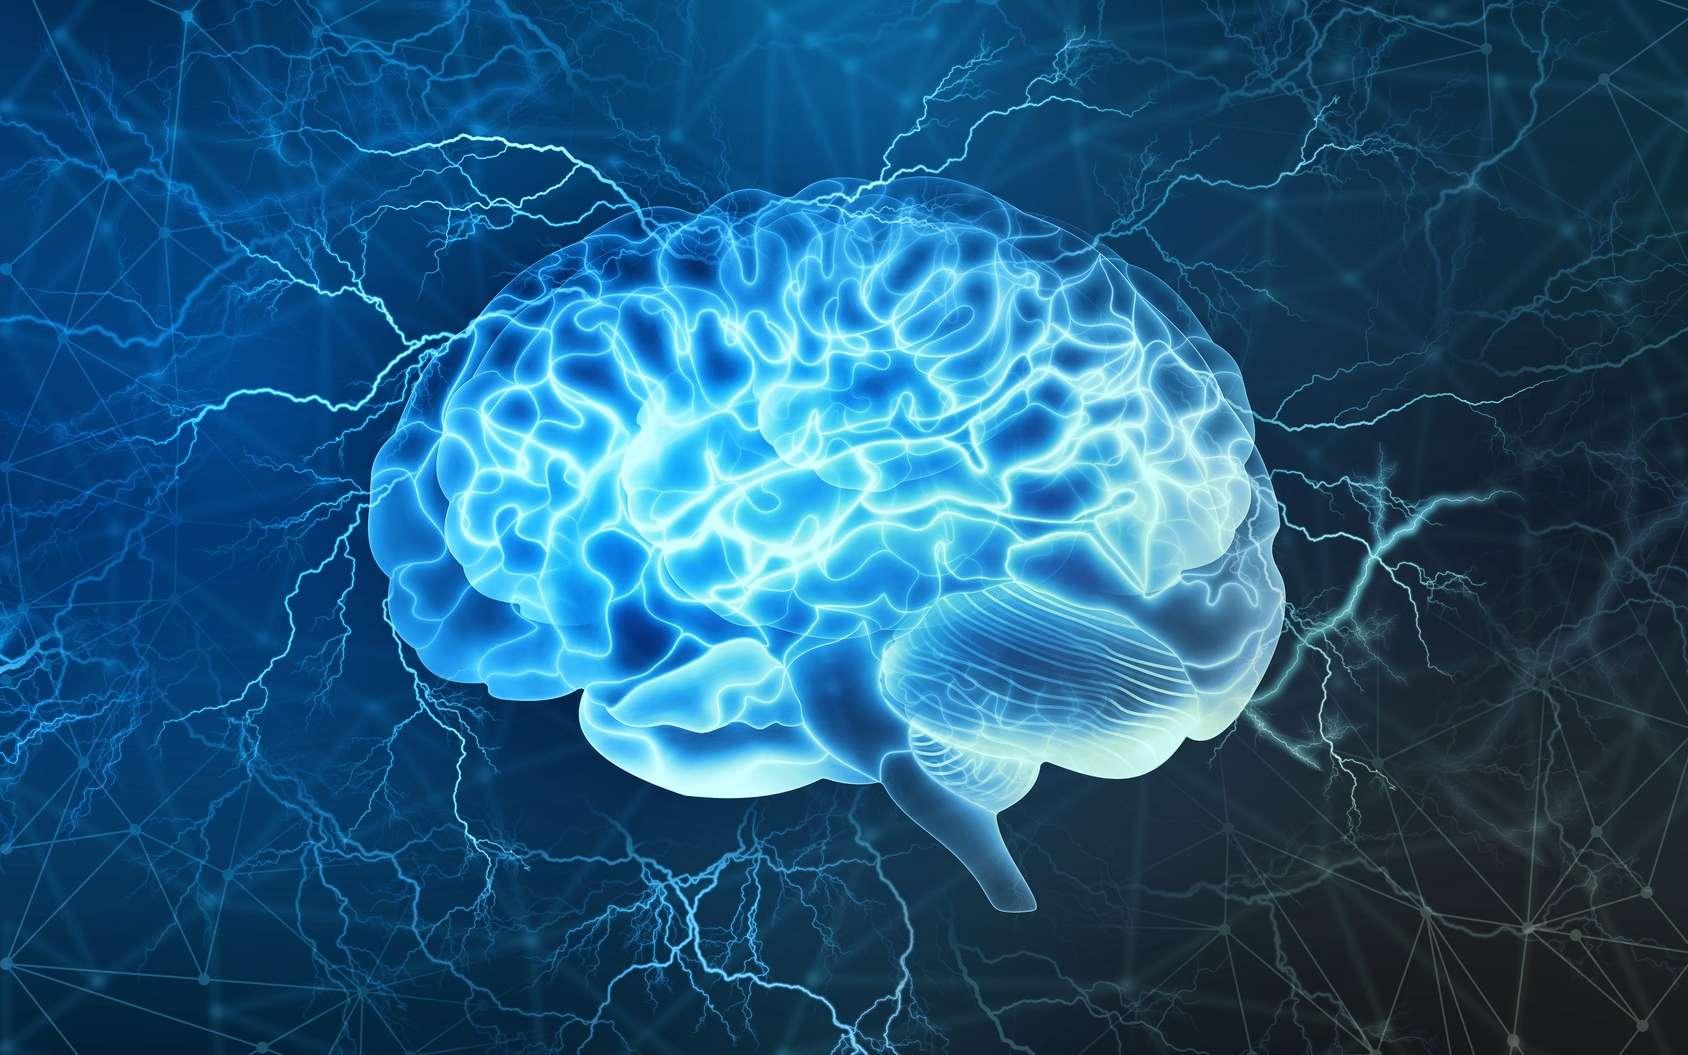 Les chercheurs ne sont pas sûrs que ces neurones soient spécifiques de l'homme mais ils ne les ont pas trouvés chez des rongeurs. © Siarhei, Fotolia